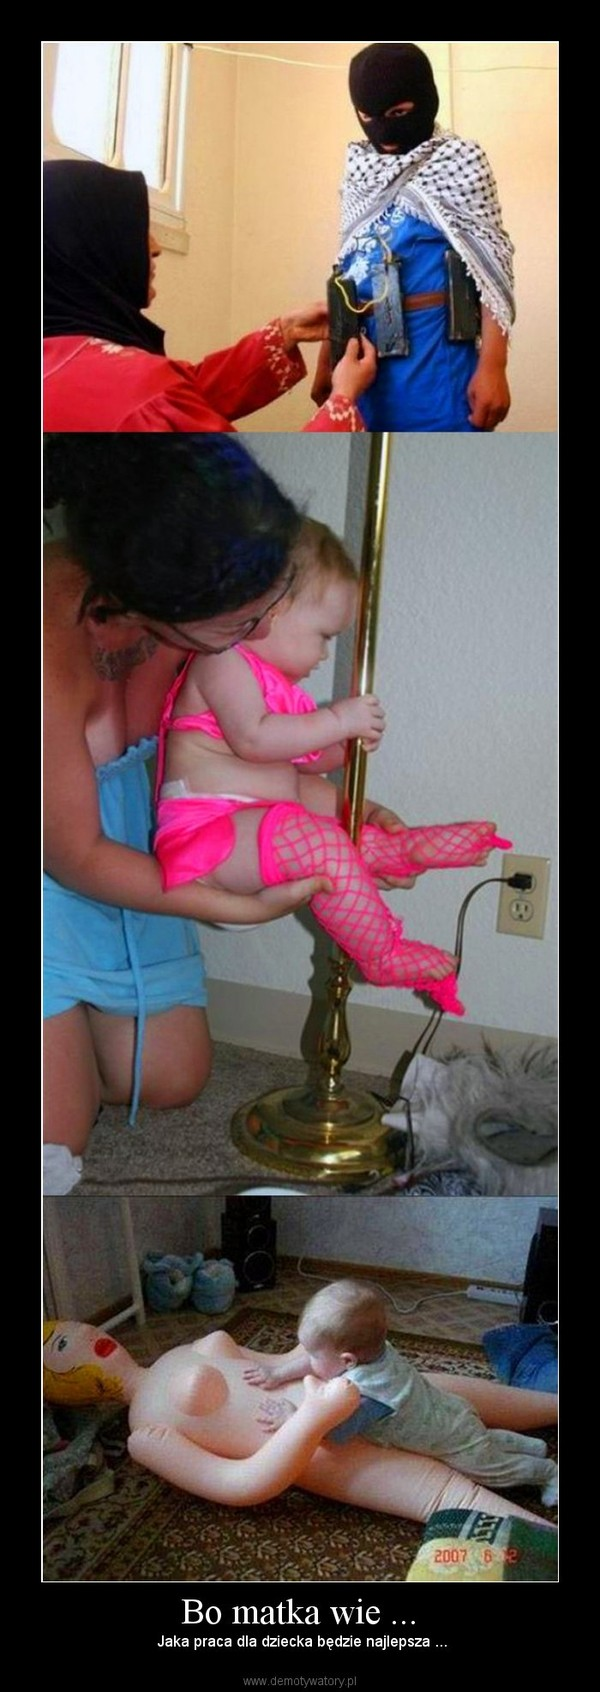 Bo matka wie ... –  Jaka praca dla dziecka będzie najlepsza ...